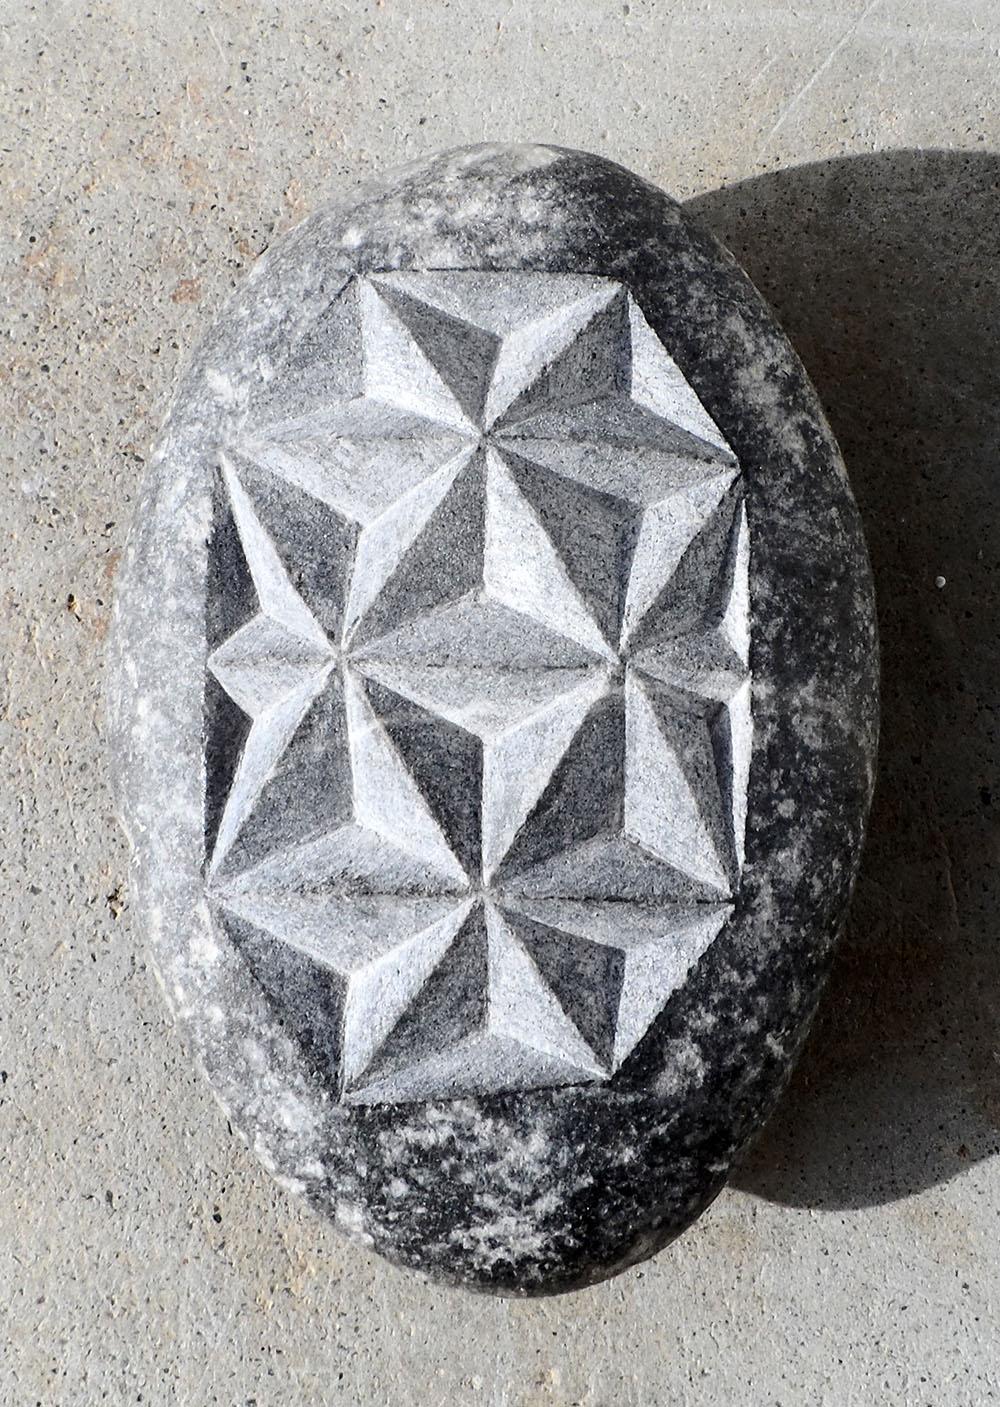 Galet avec motif géométrique fait de triangles gravés